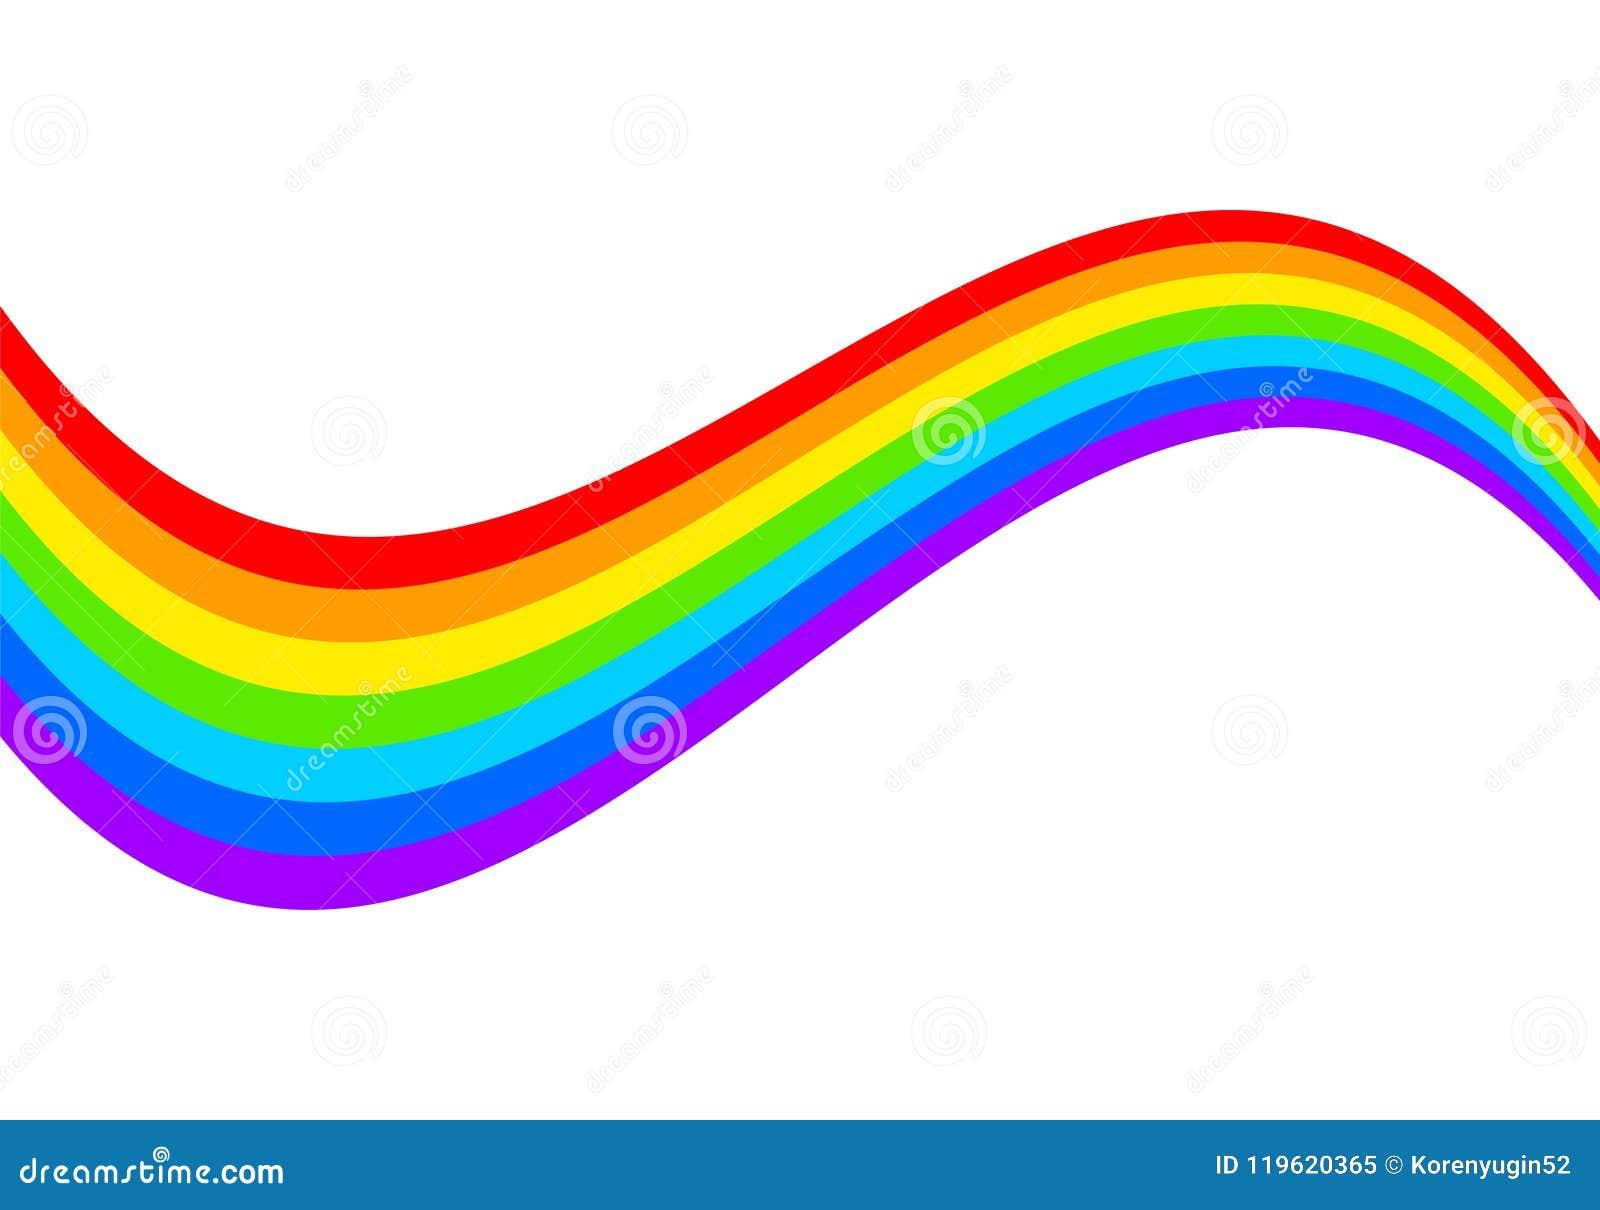 Rainbow on white background